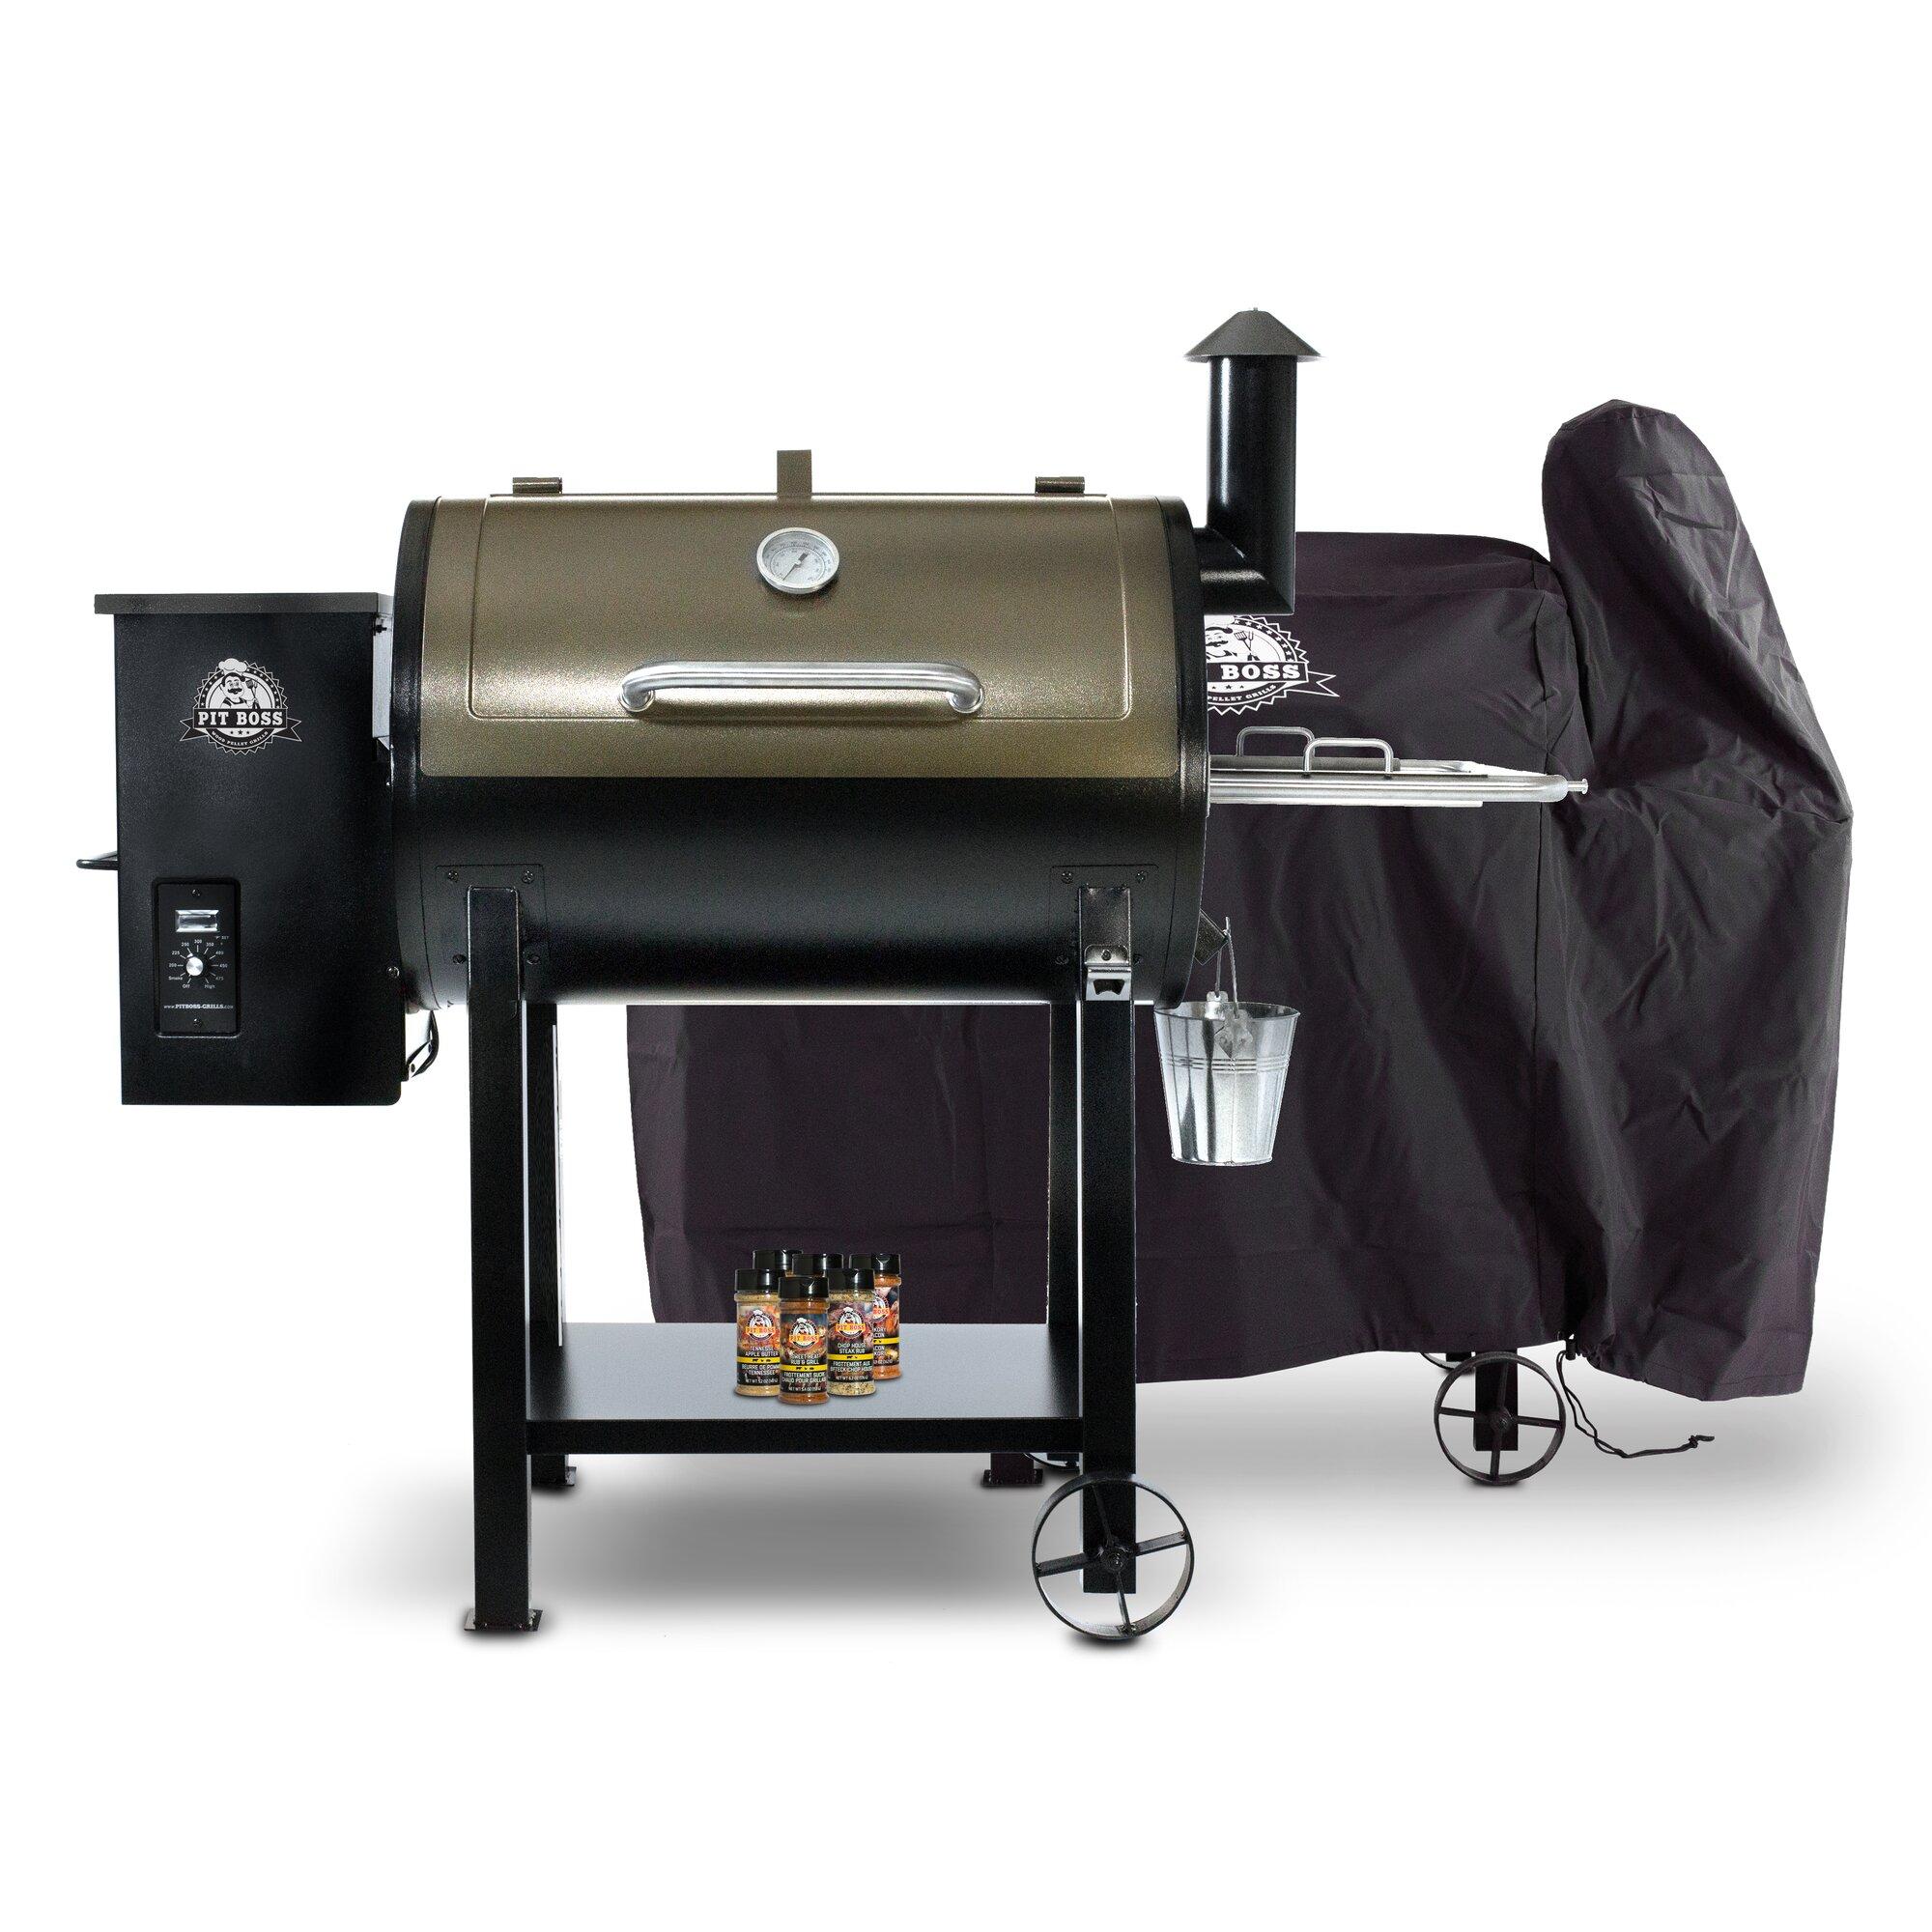 Pit Boss 820d Wood Pellet Grill With Smoker Wayfair Ca